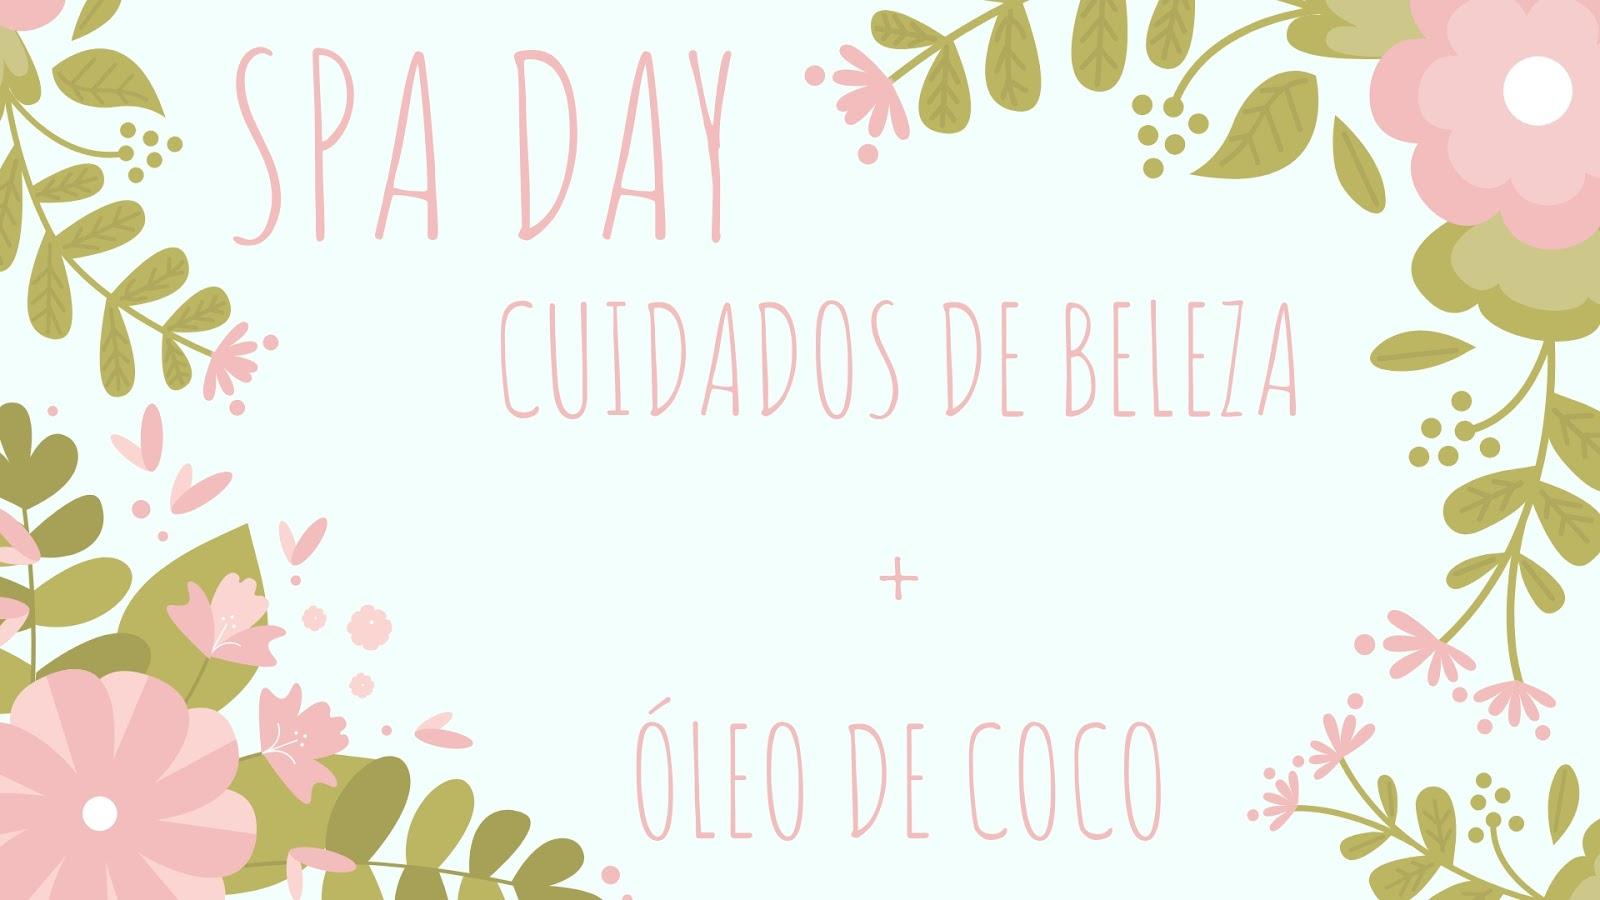 SPA DAY: cuidados de beleza + óleo de coco